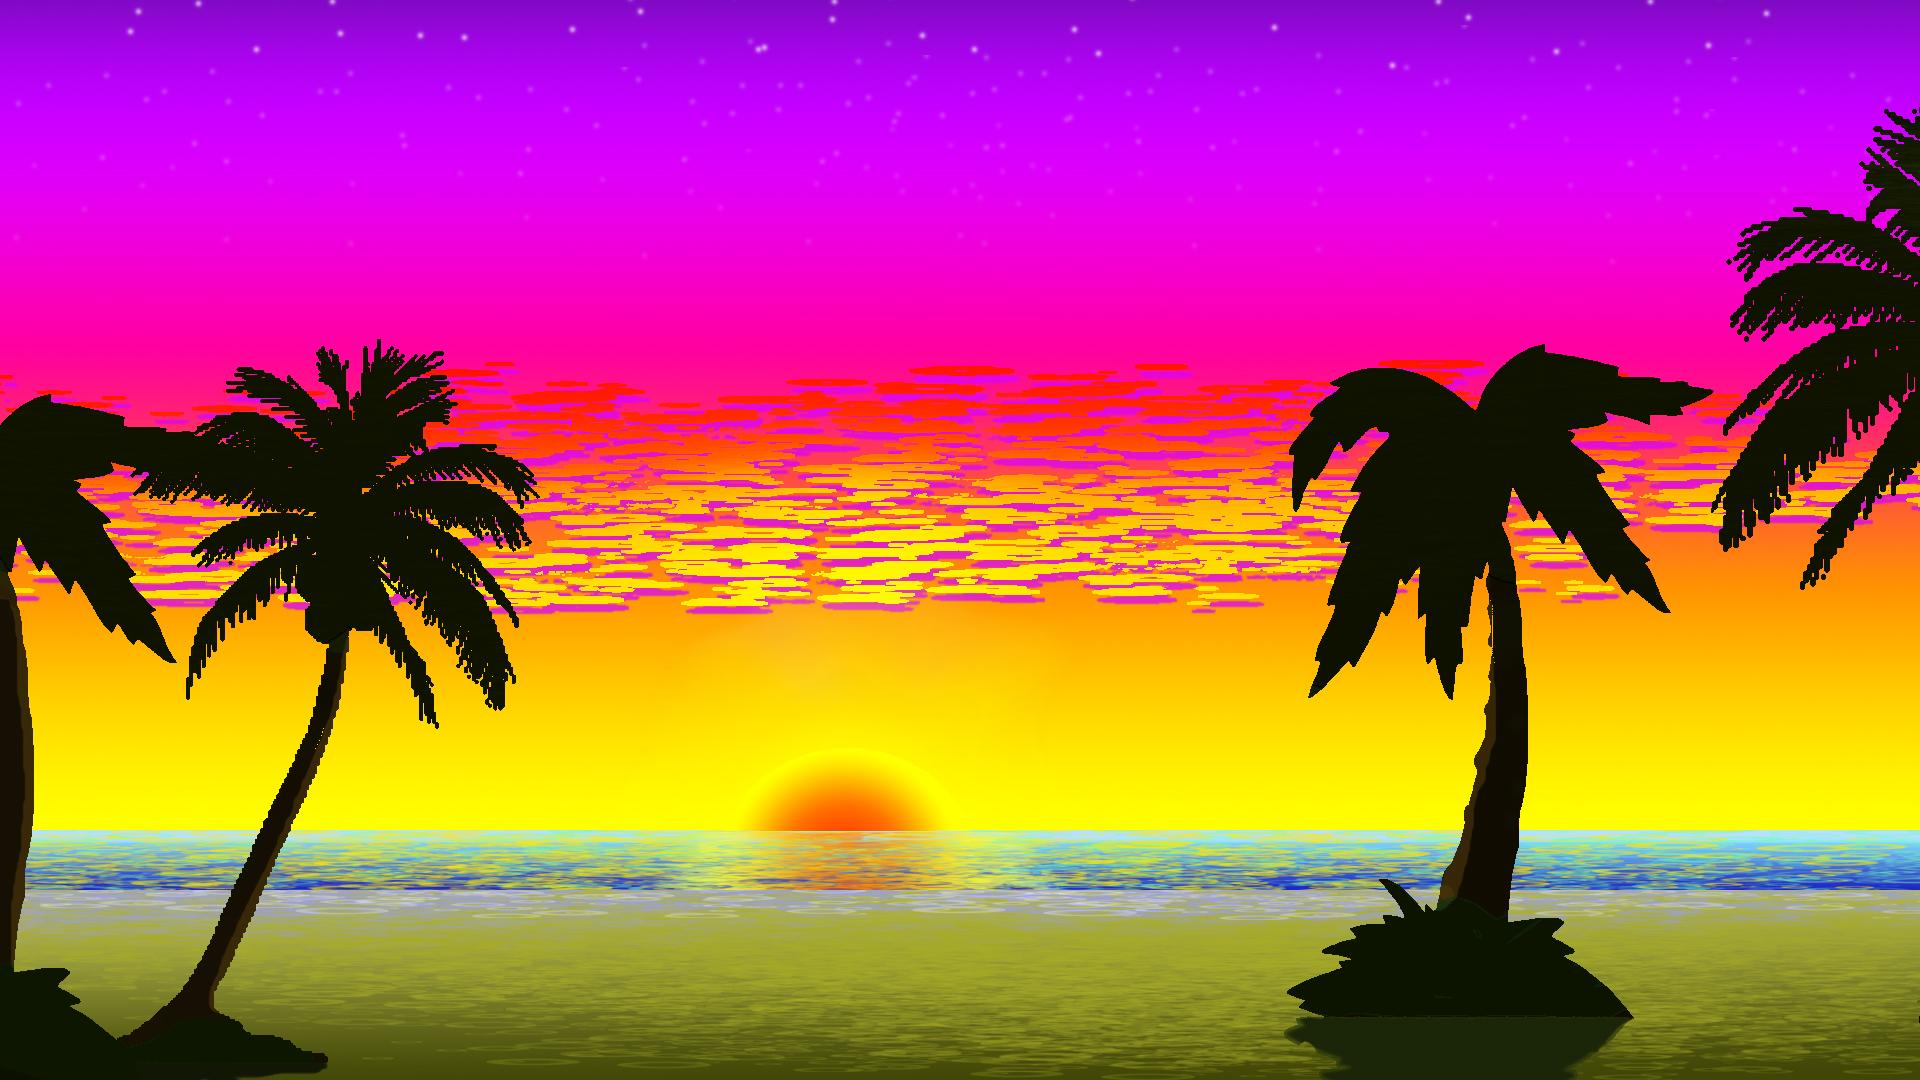 Shoreside Sunset